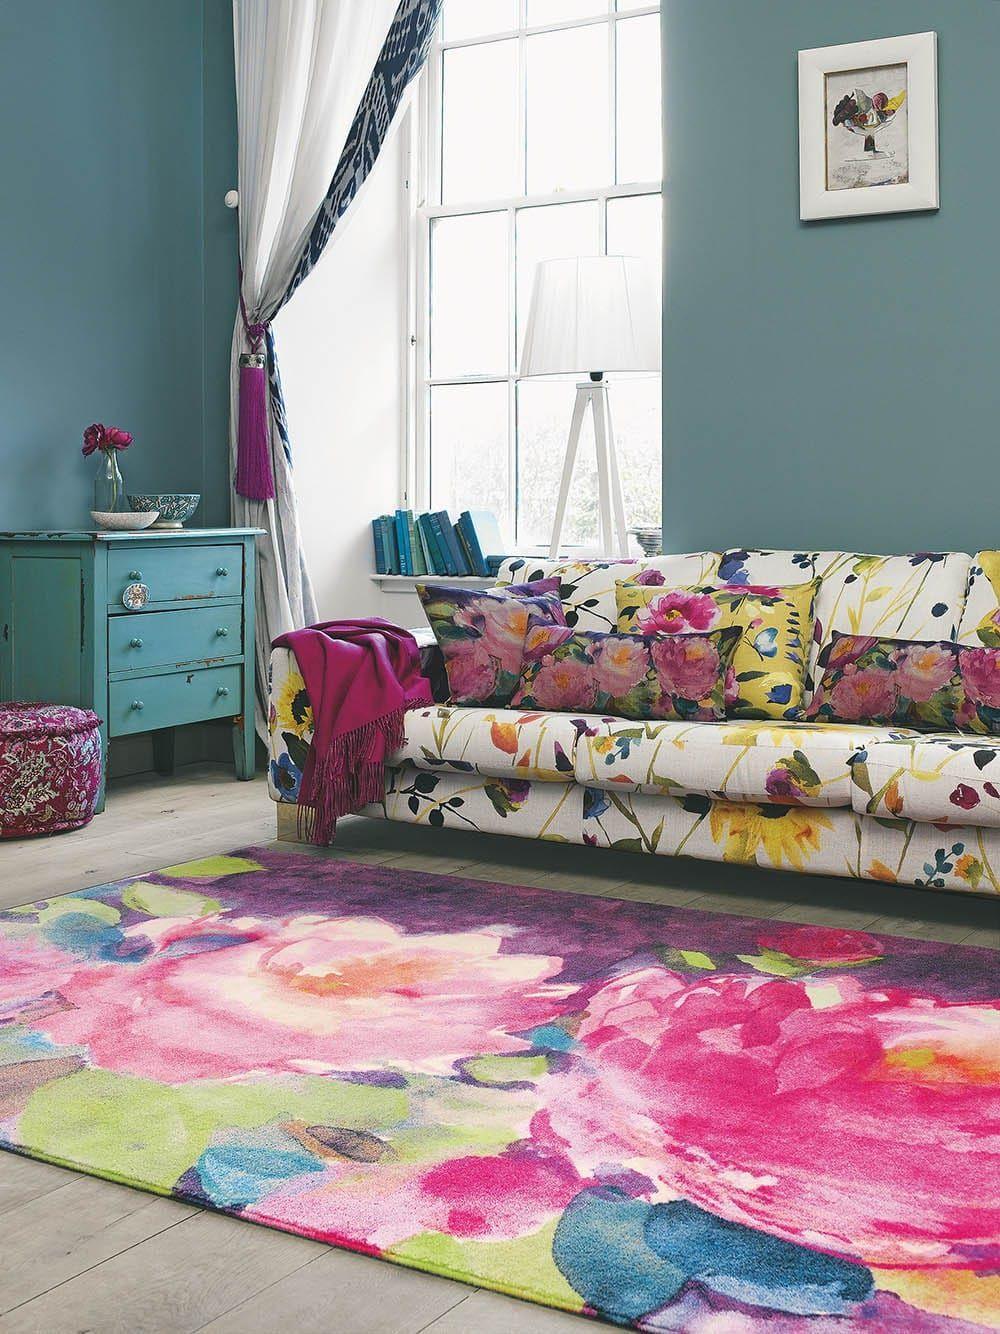 Bluebellgray | Bluebellgray Teppich | Bluebellgray Cait | Bluebellgray  Kissen | Bluebellgray Vorhang | Teppich Bunt